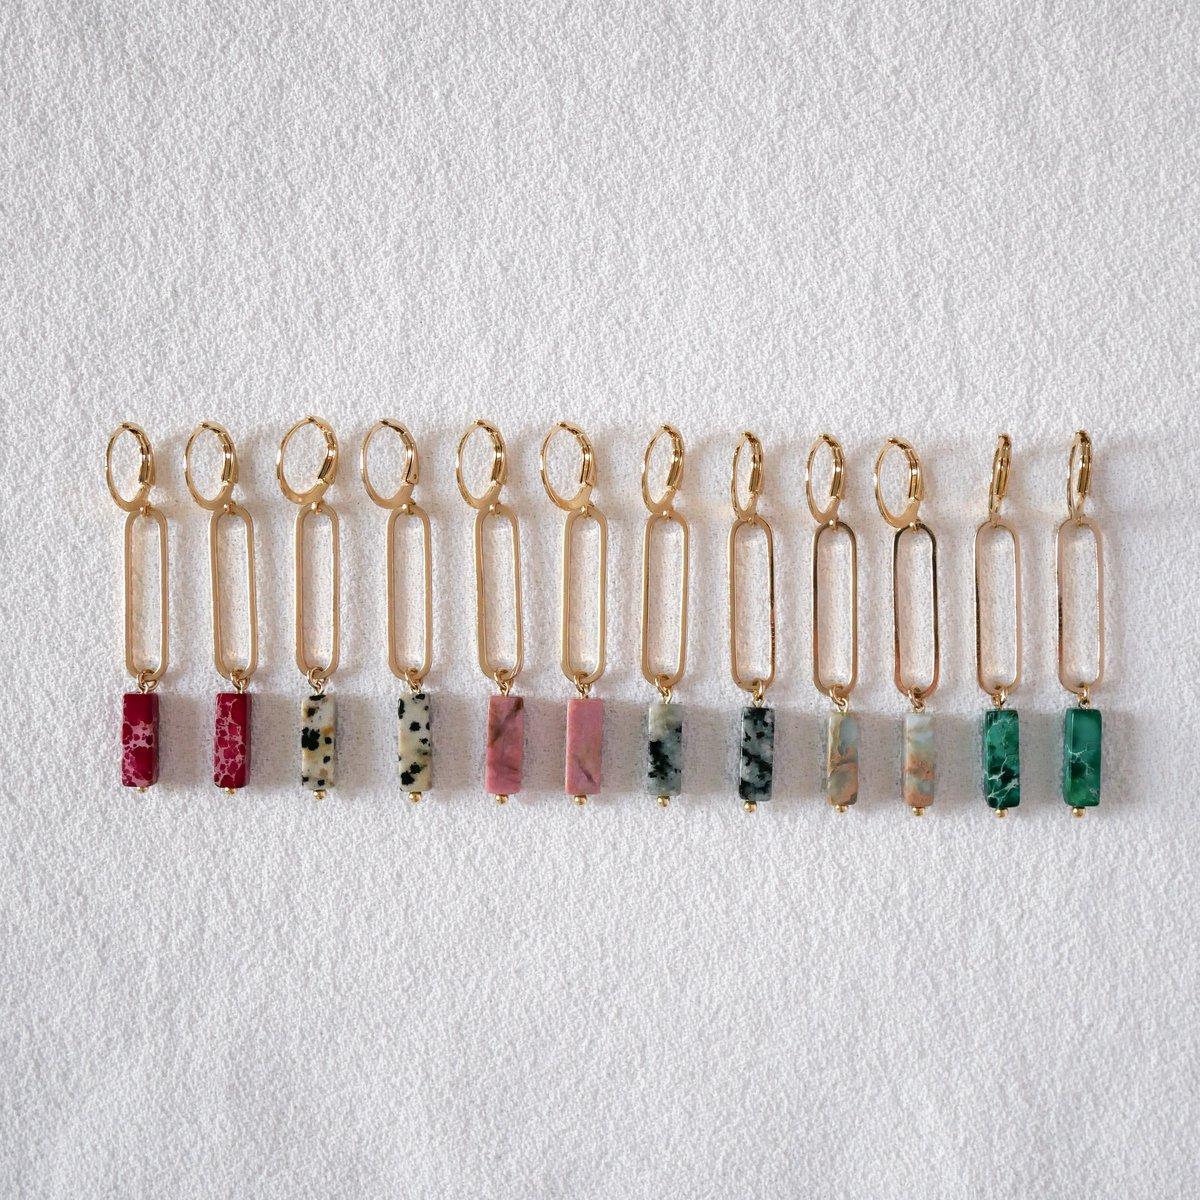 Image of Boucles d'Oreilles DIAZ longues Dorées - 5 Coloris